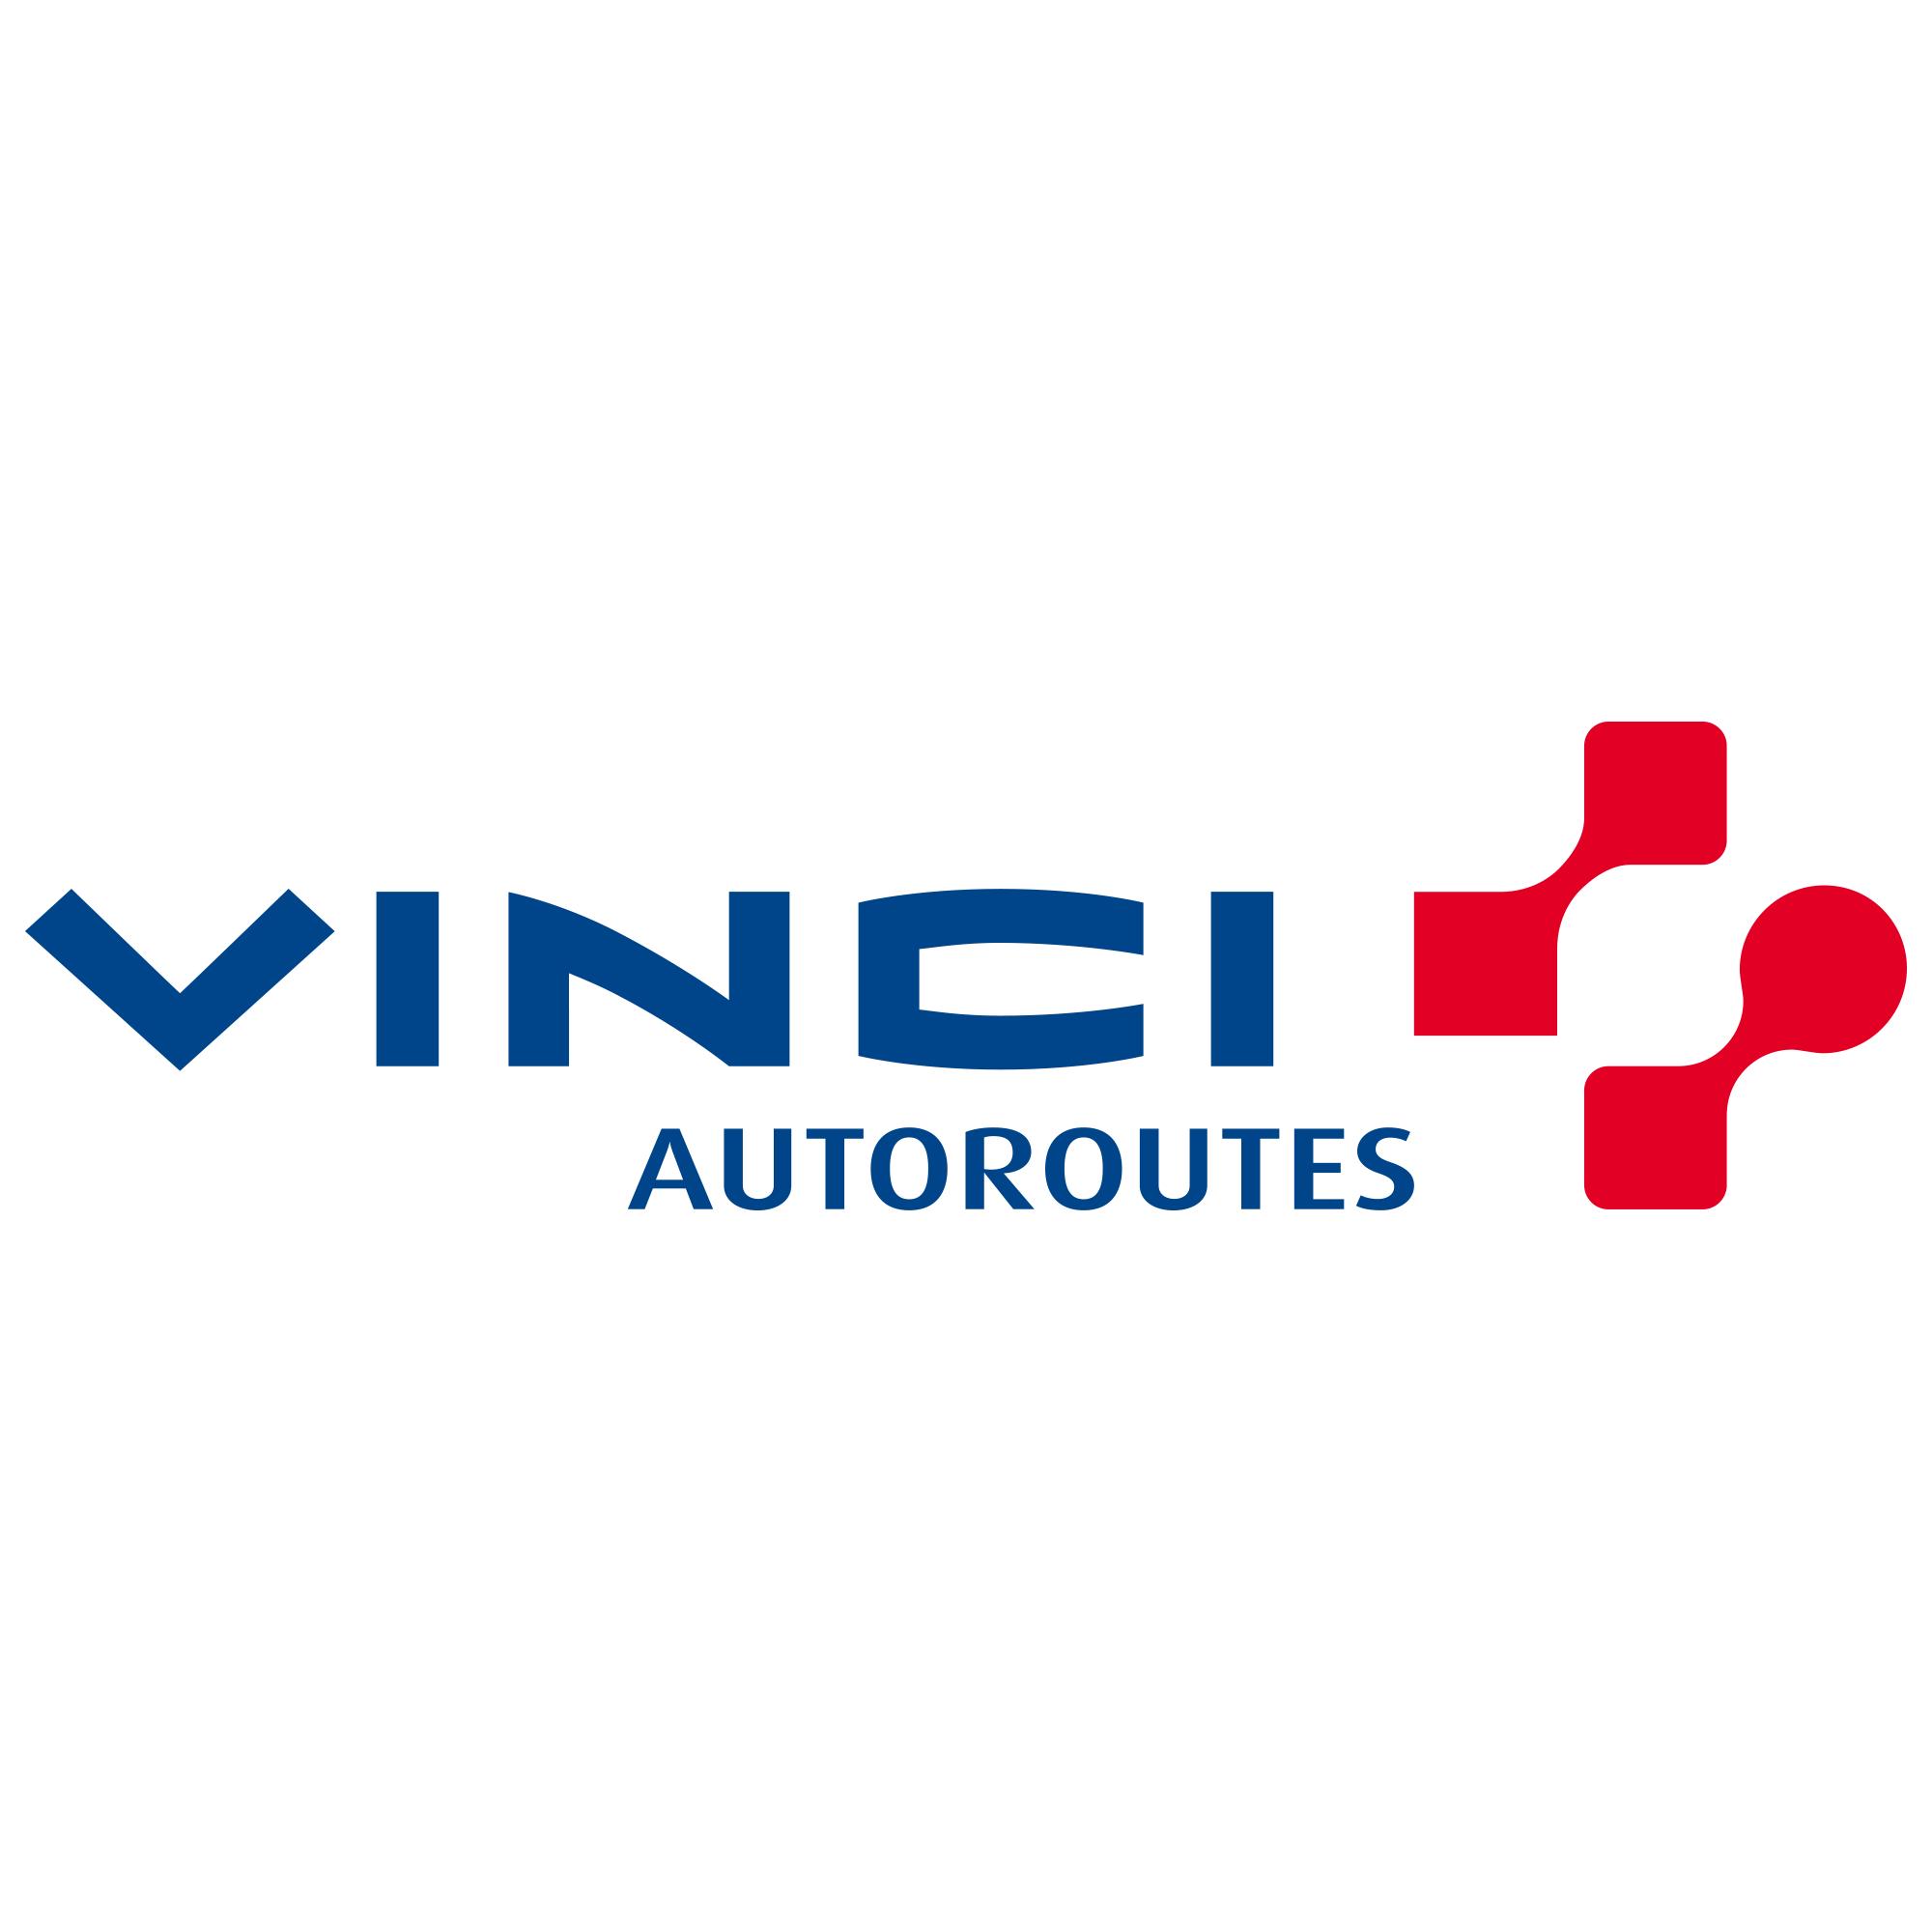 Badge télépéage Vinci offert + 4 mois d'abonnements offerts (livraison gratuite)